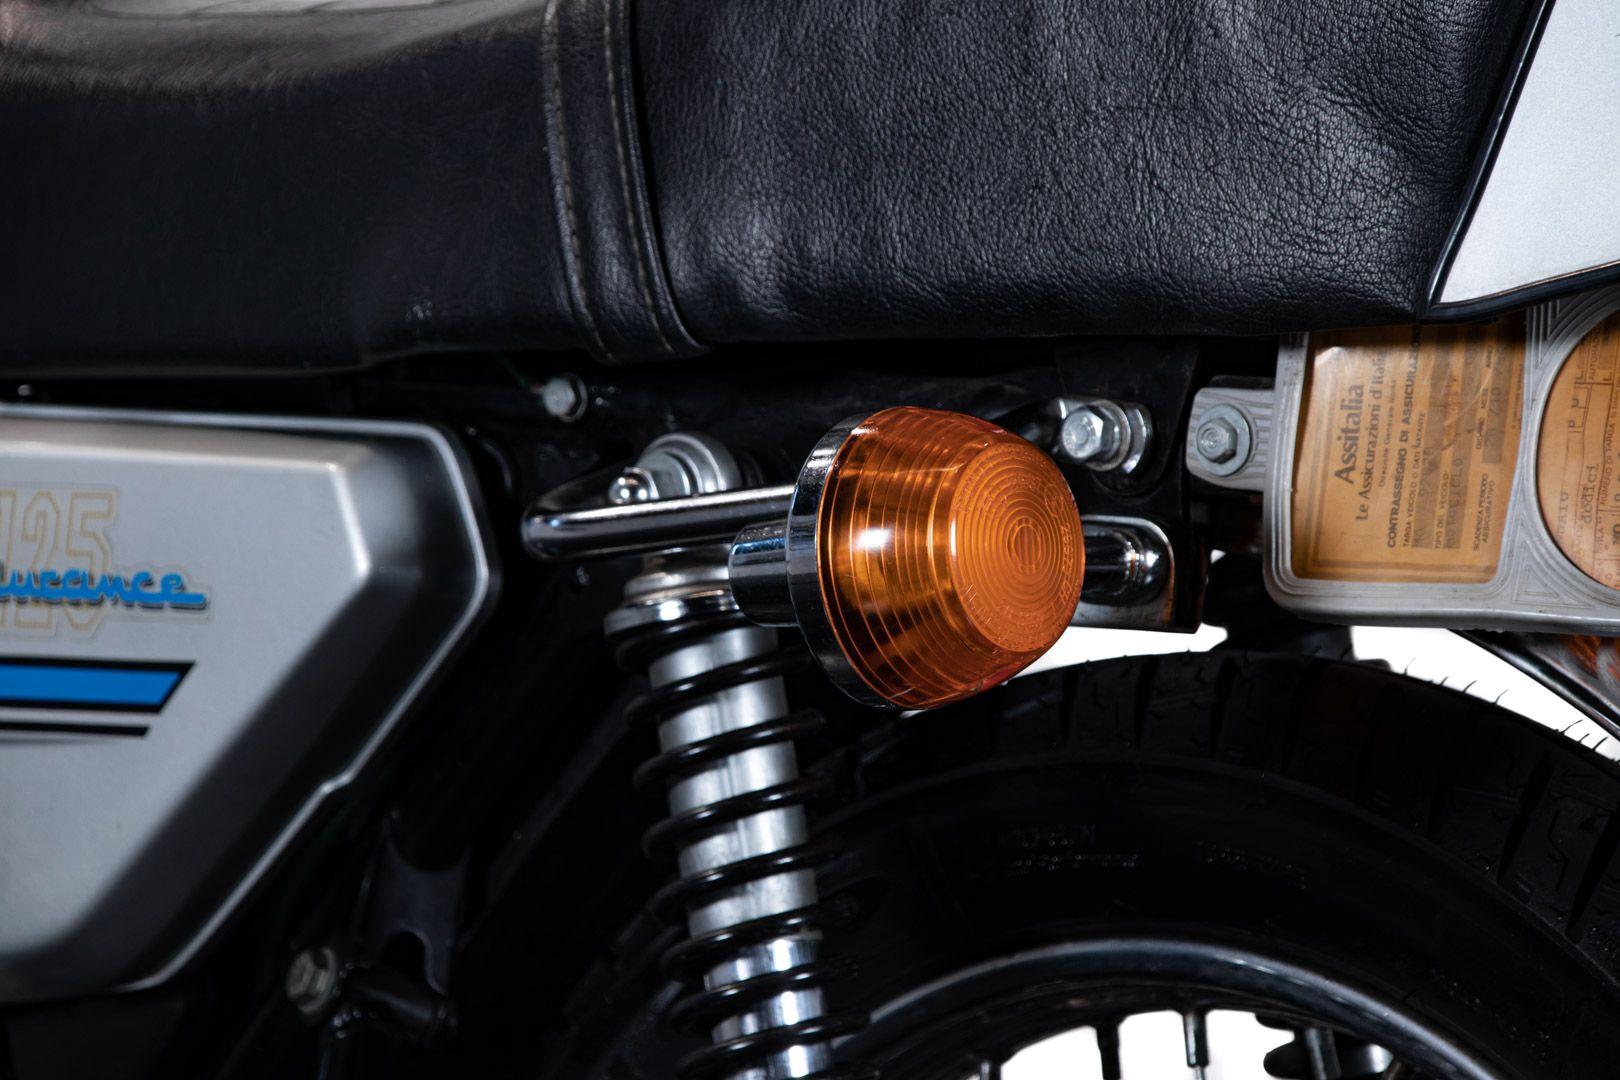 1978 Honda 125 Endurance 82350